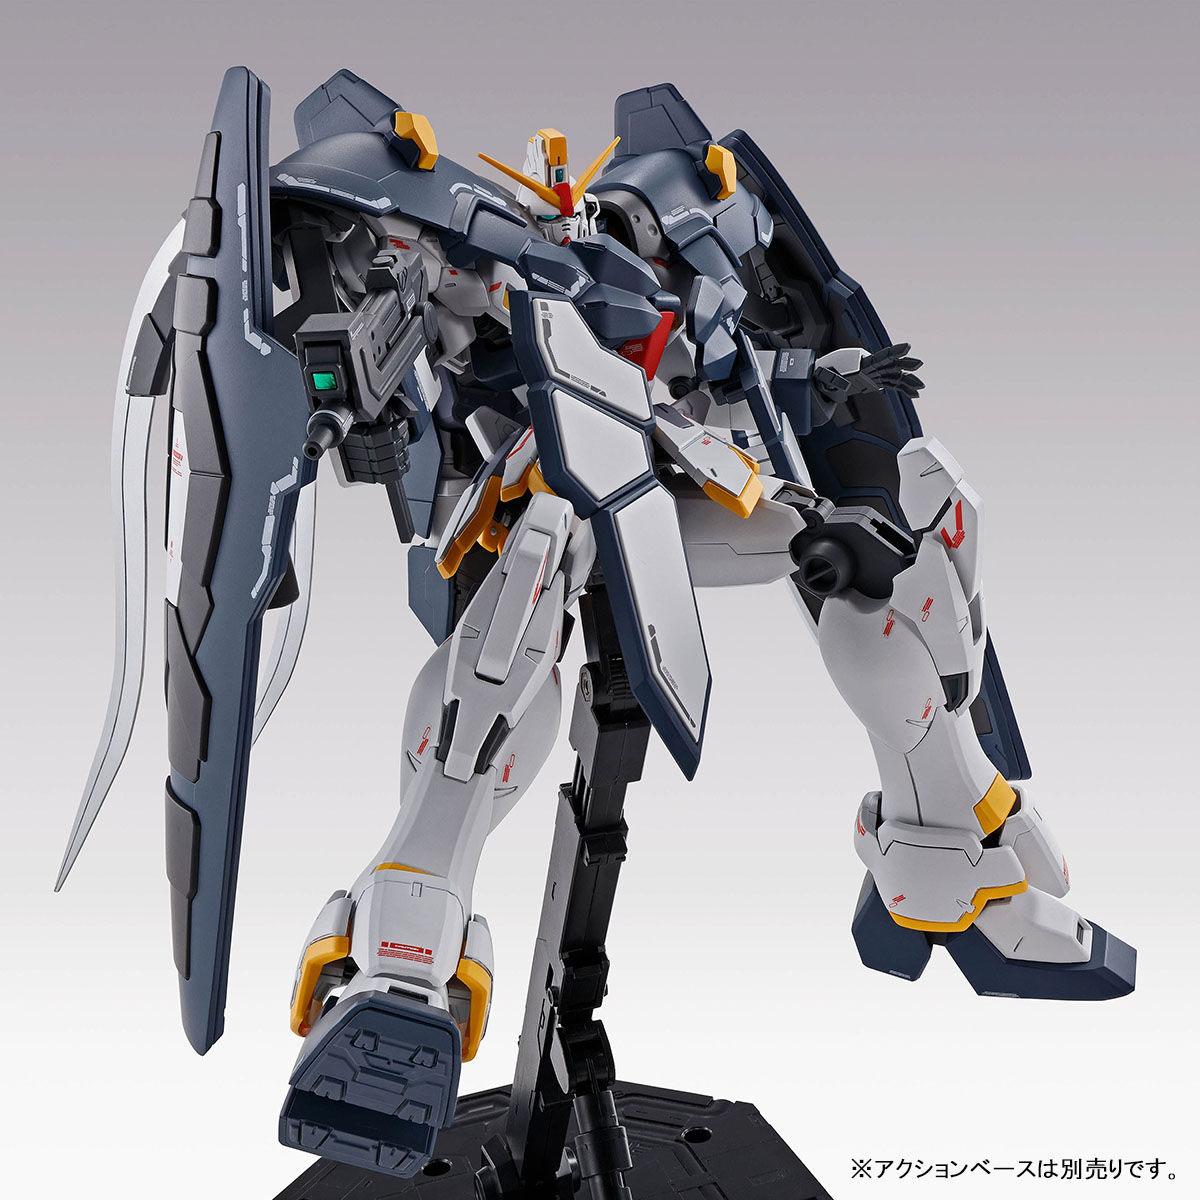 【限定販売】MG 1/100『ガンダムサンドロックEW(アーマディロ装備)』ガンダムW プラモデル-006